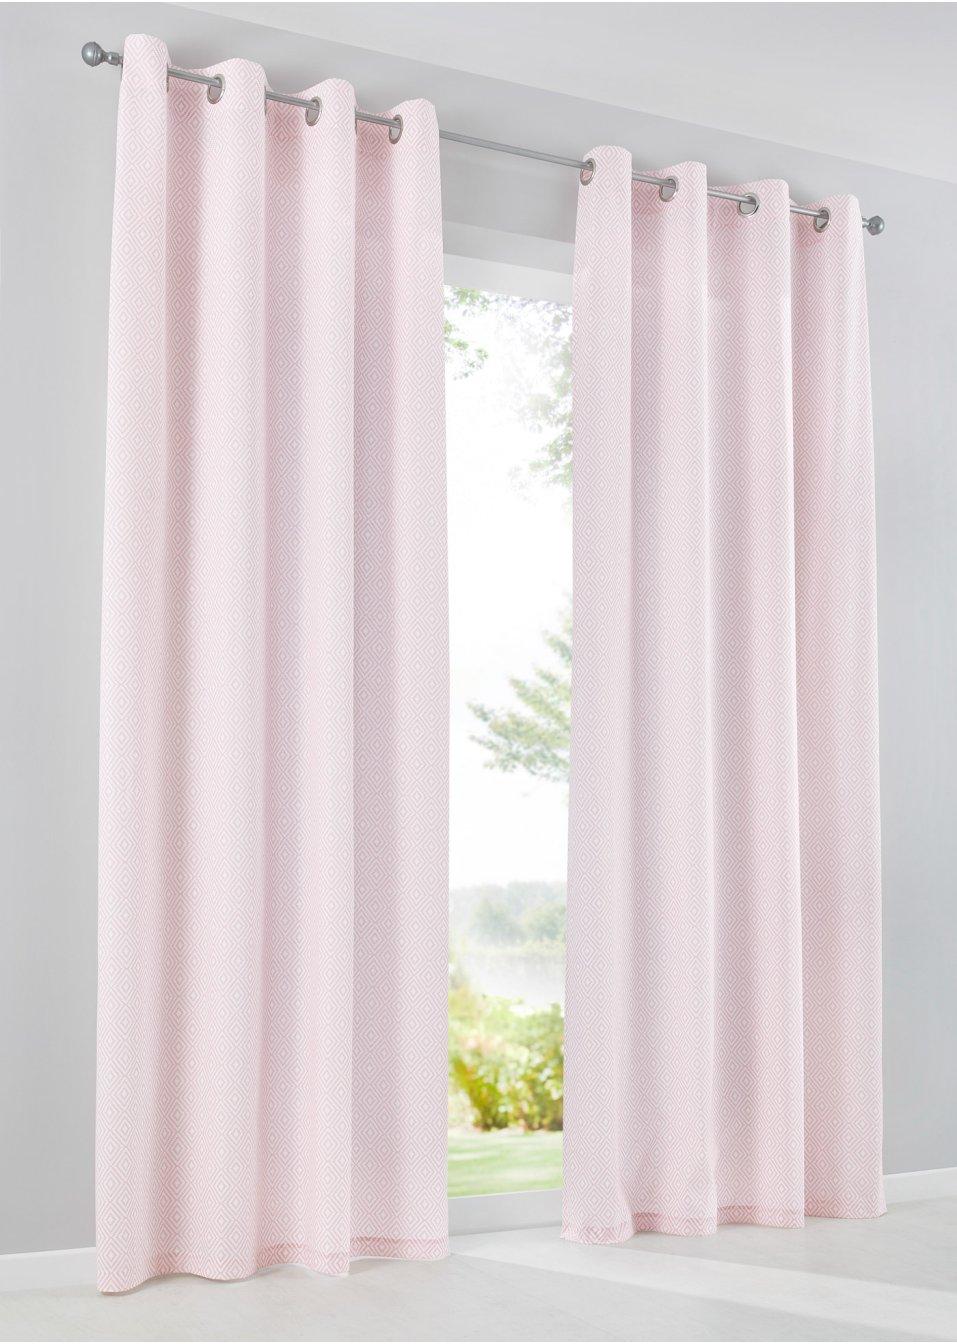 vorhang iska 1er pack rosa bpc living online bestellen. Black Bedroom Furniture Sets. Home Design Ideas